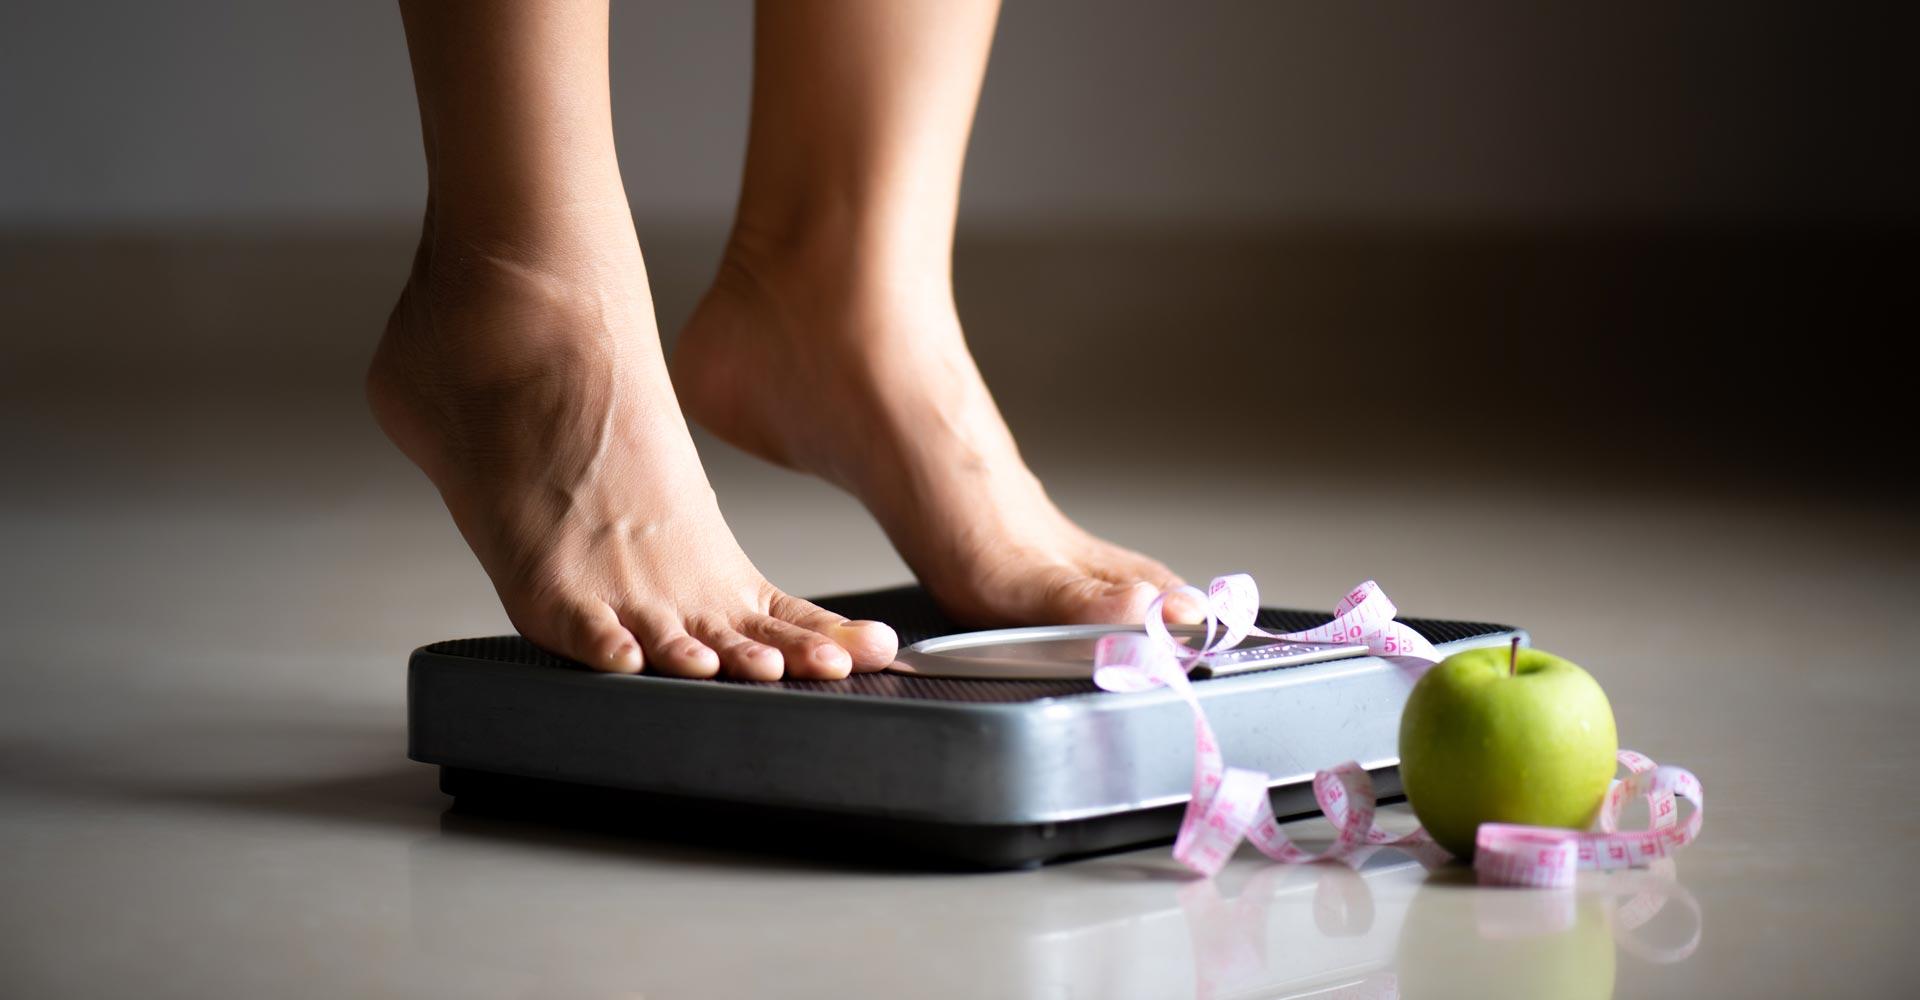 Jak schudnąć? Nie możesz schudnąć? 10 błędów odchudzania